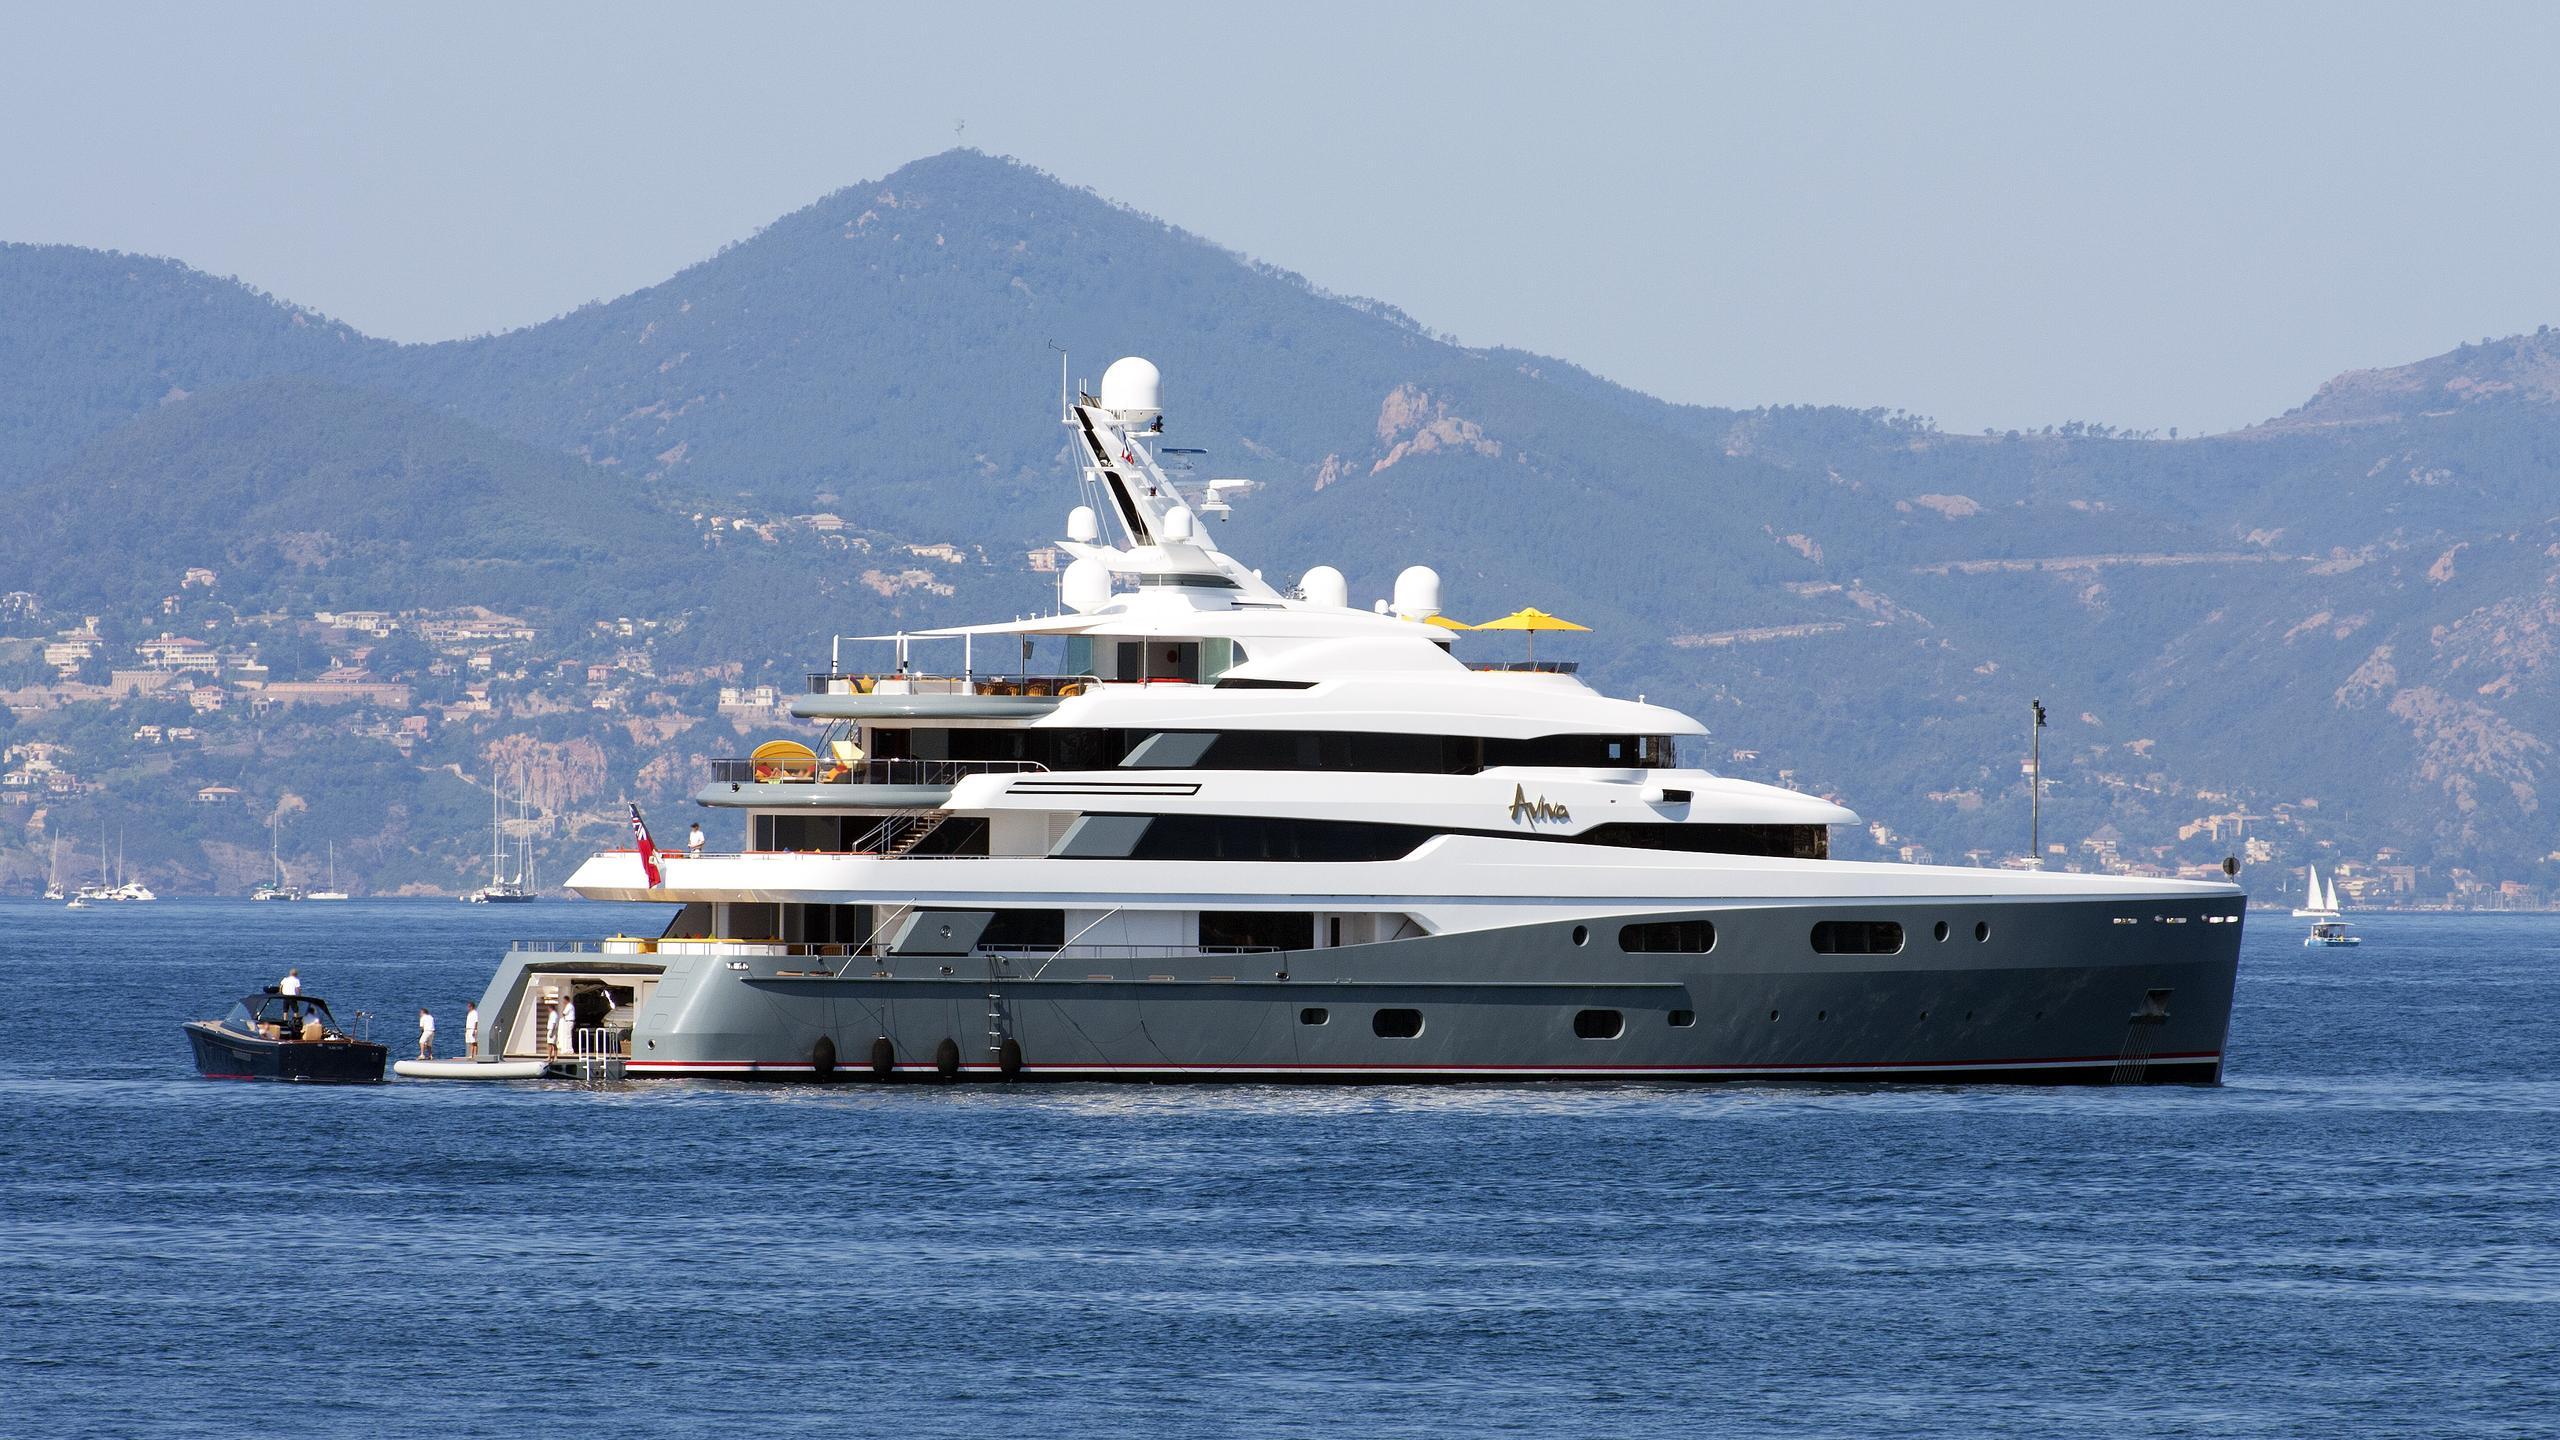 aviva-motor-yacht-abeking-rasmussen-2007-68m-stern-tender